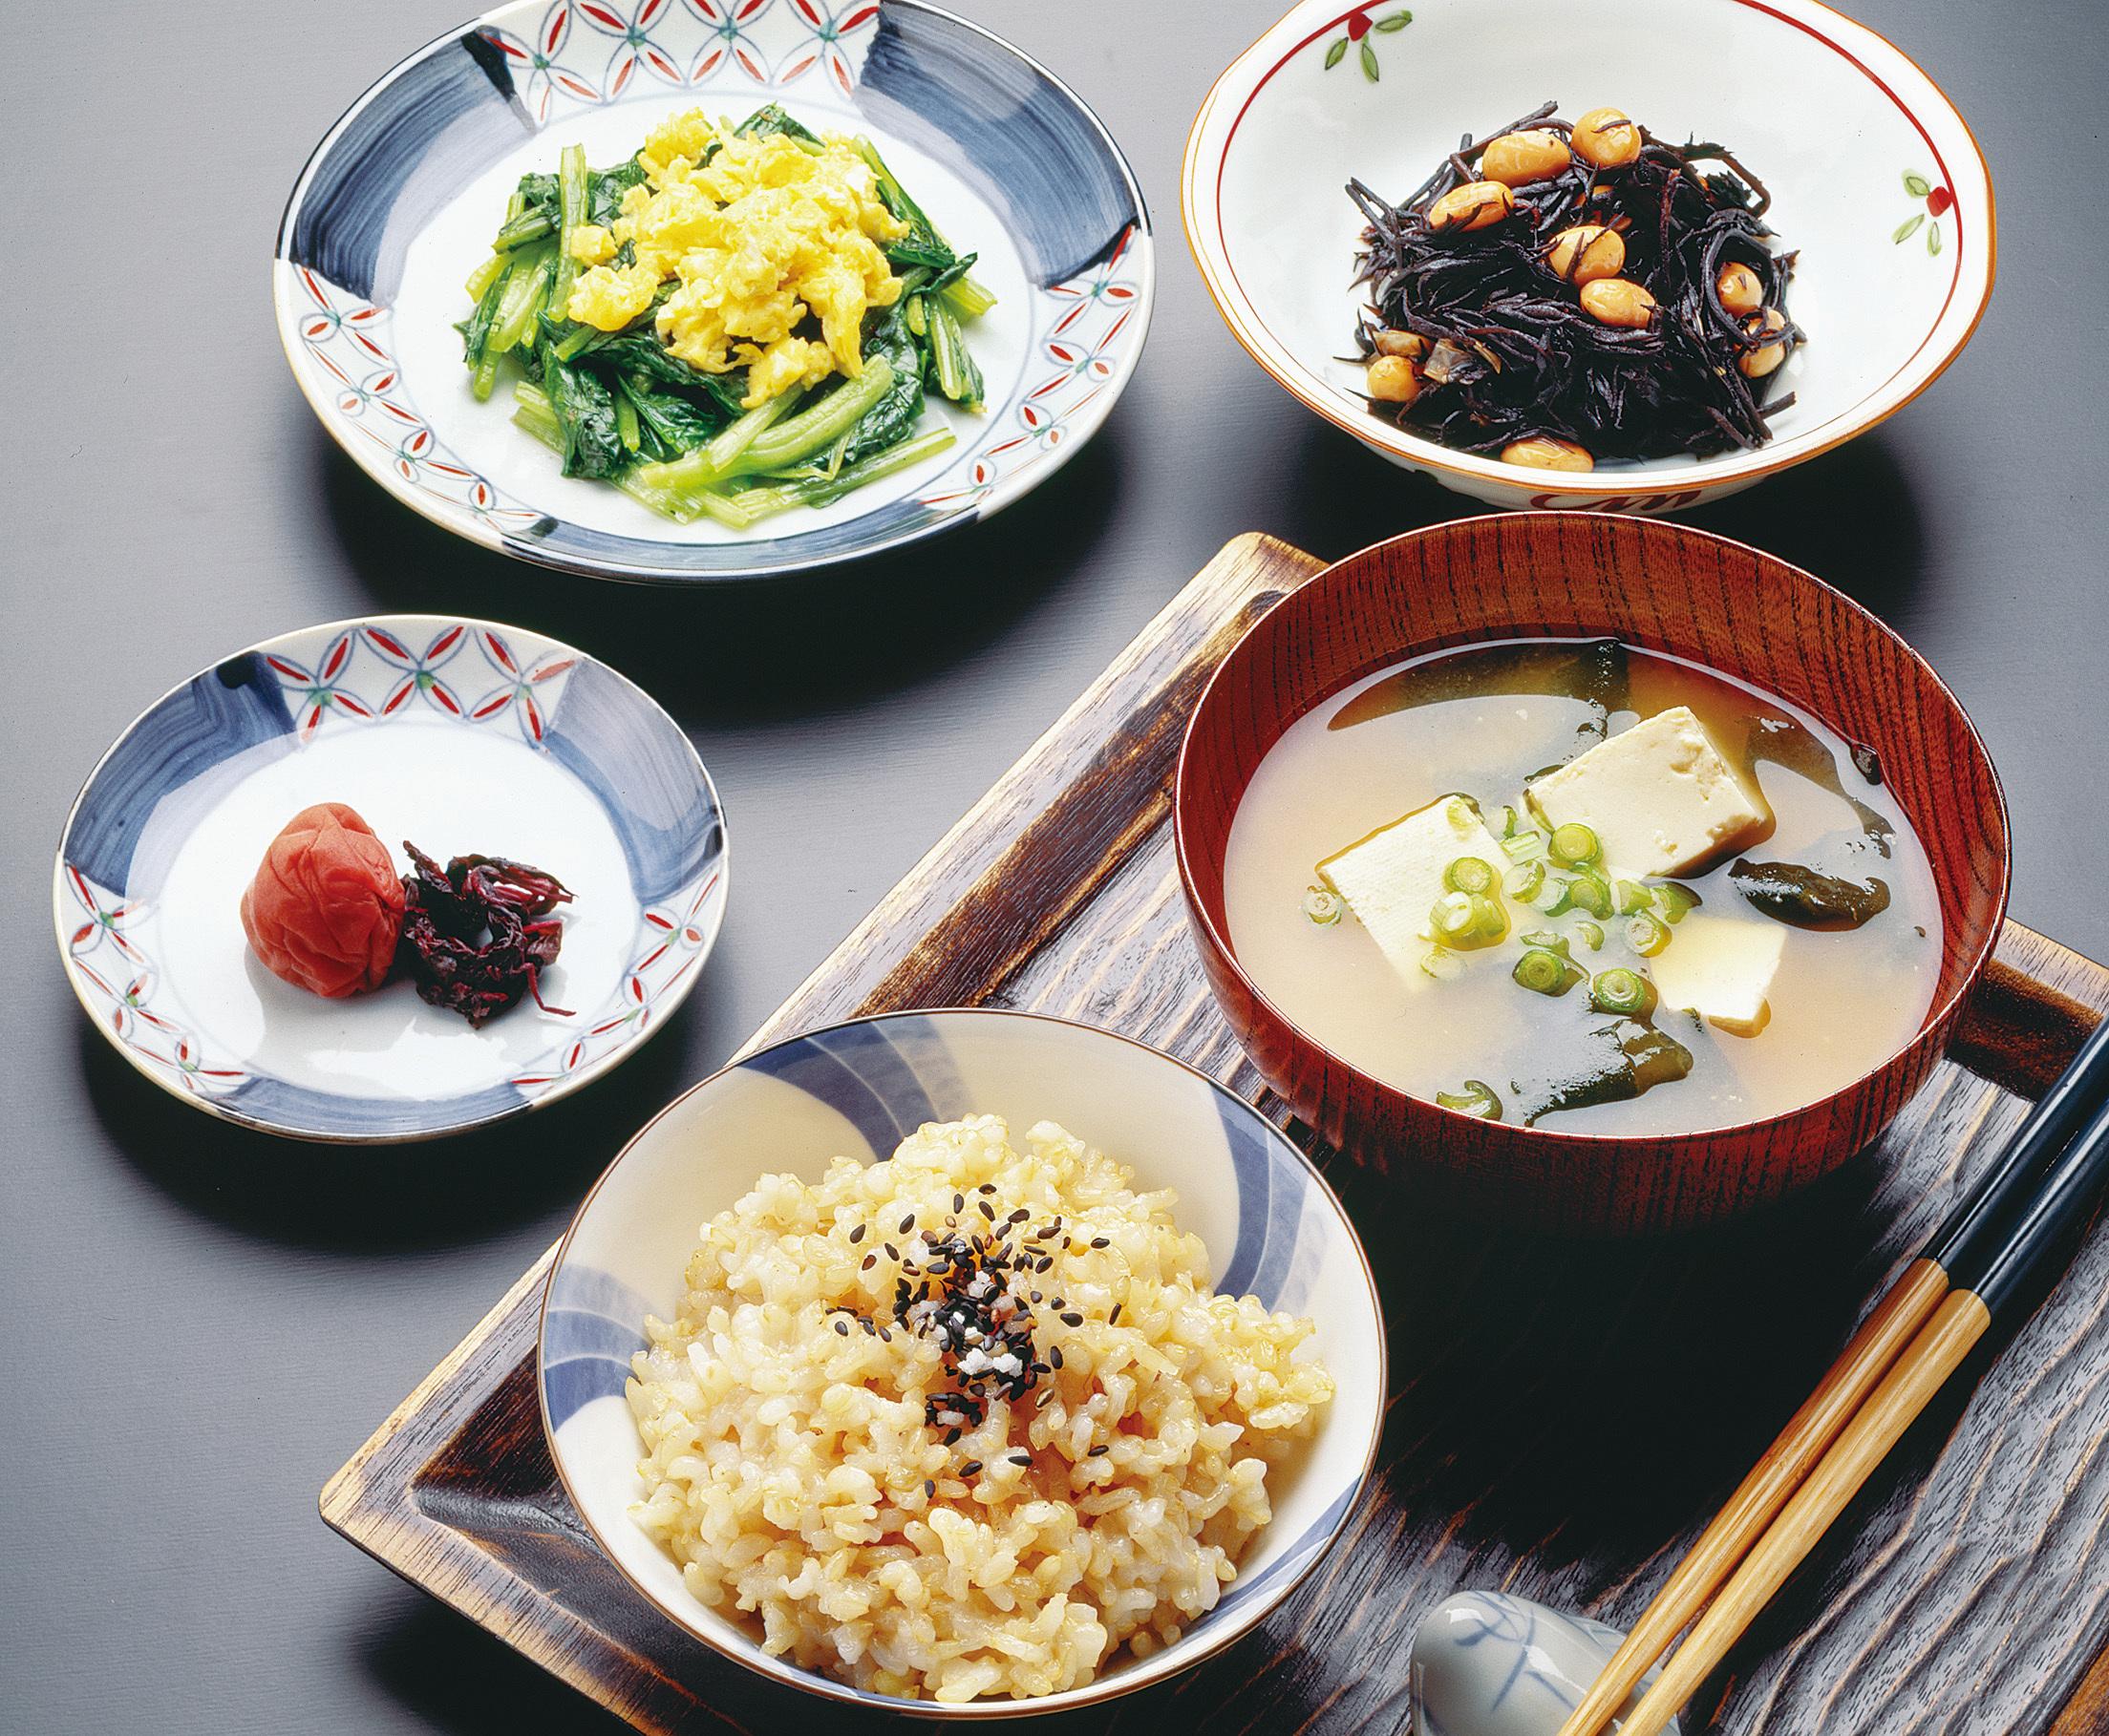 醫食同源在日本 癌字示天機 品性得病 慾望成山